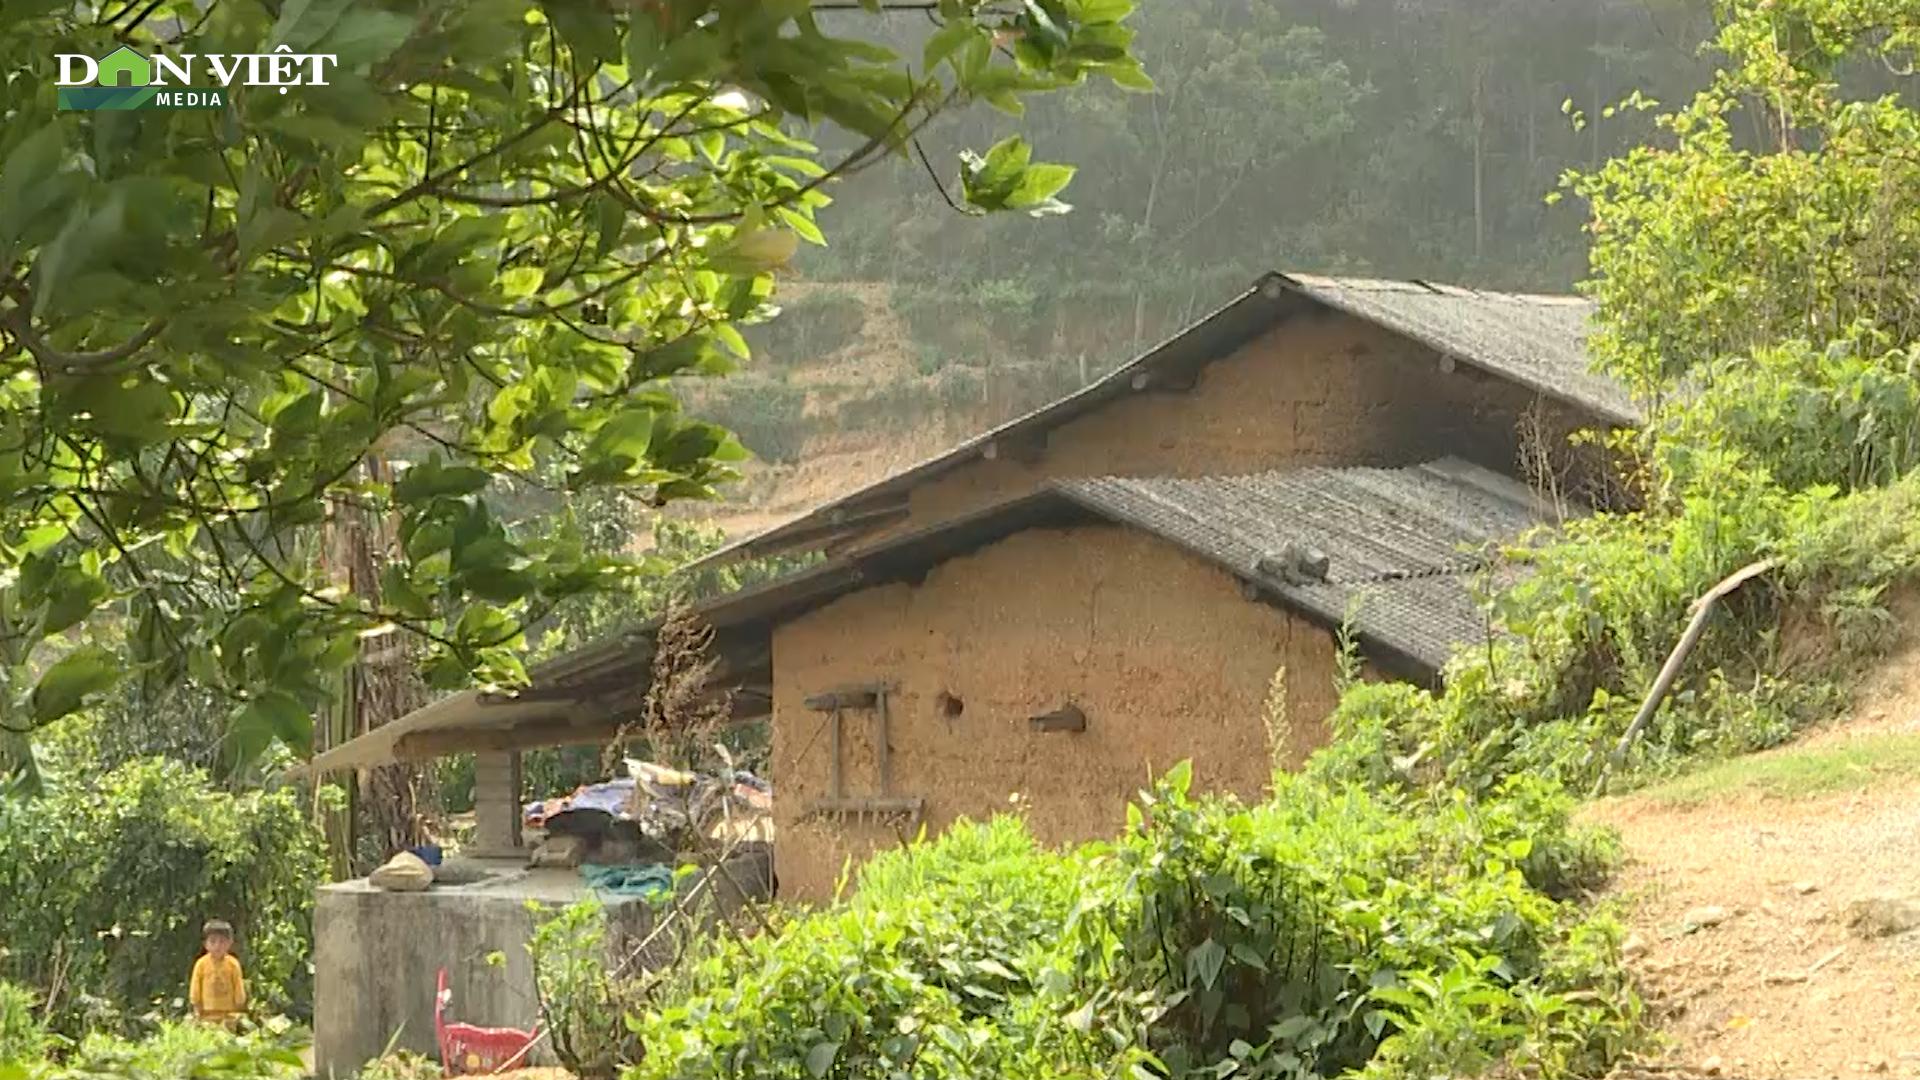 Hà Giang: Gia cố lại mái nhà bằng lưới thép B40 để phòng giông lốc, gió lớn - Ảnh 3.